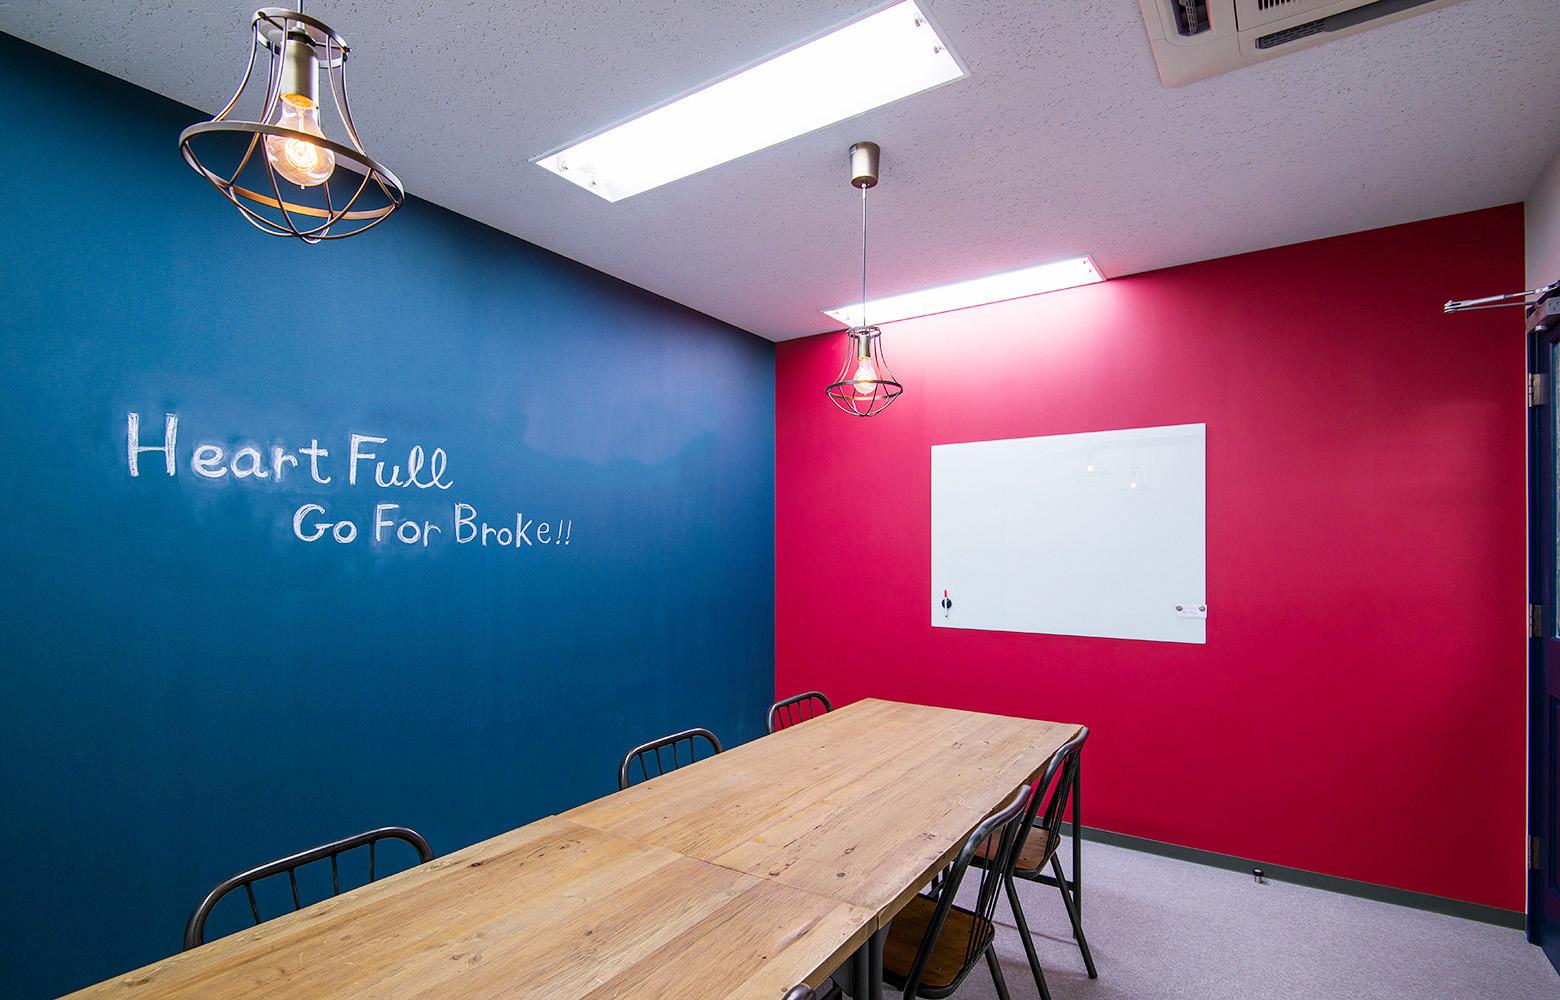 株式会社HeartFull vol.2 Meeting Room デザイン・レイアウト事例